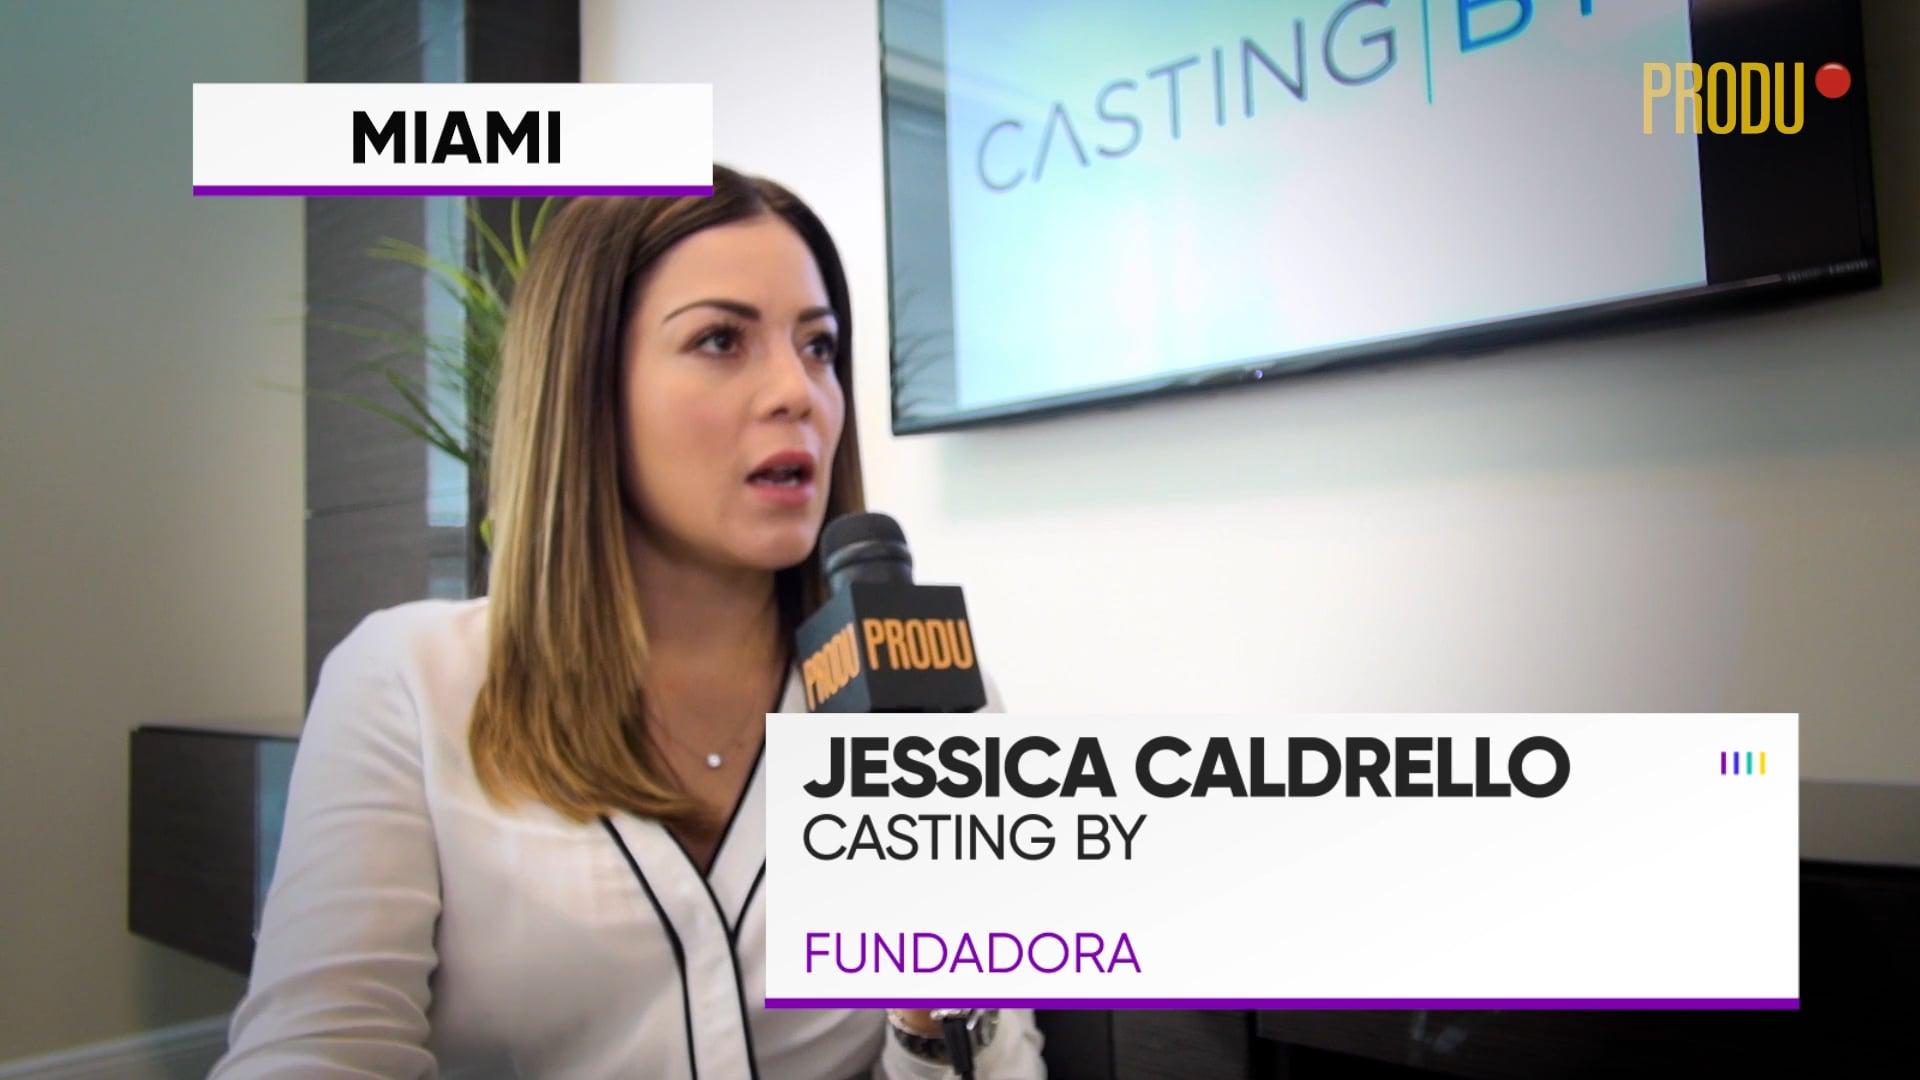 Jessica Caldrello, fundadora de Casting By